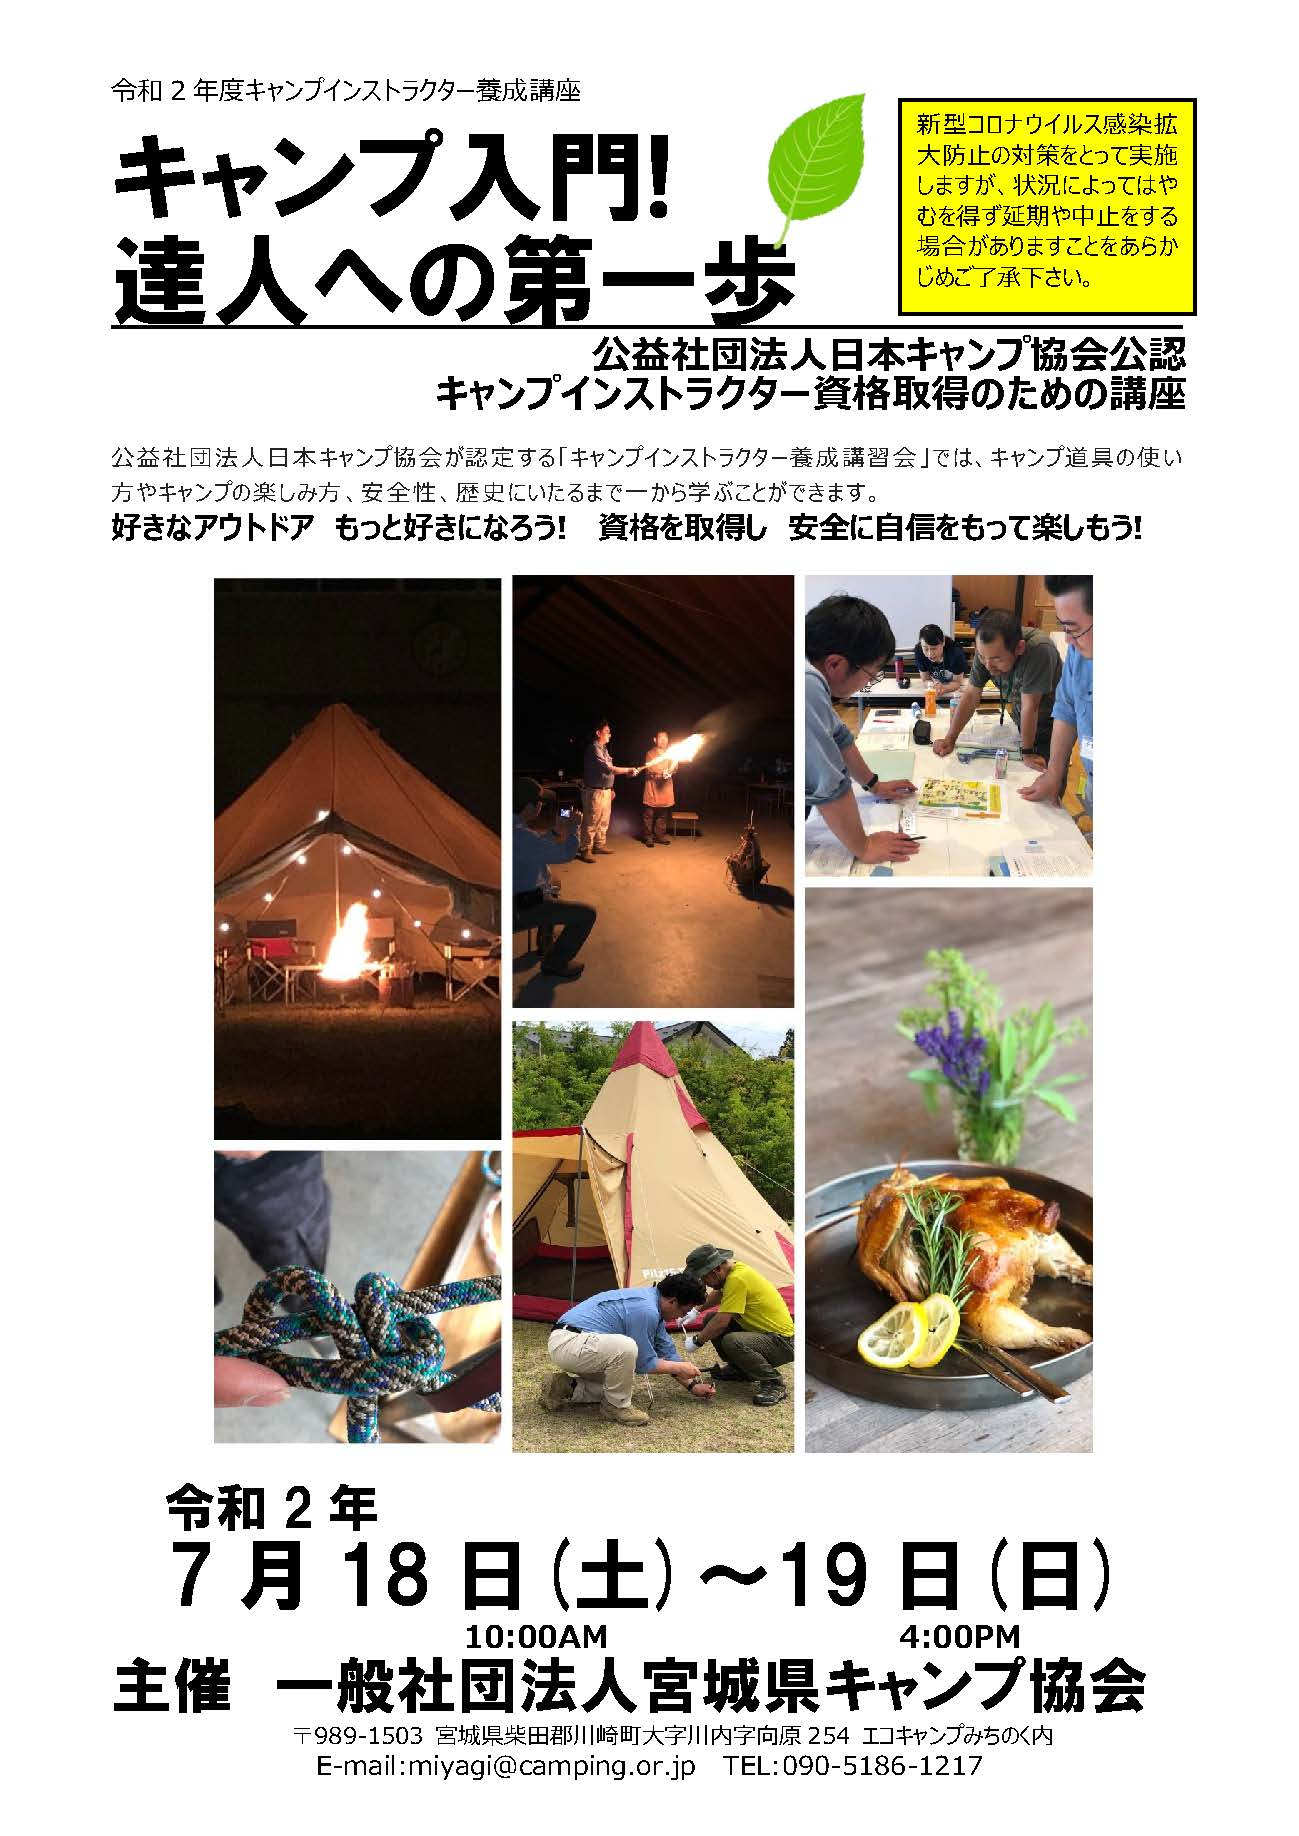 宮城:キャンプインストラクター養成講習会 @ 宮城県松島自然の家